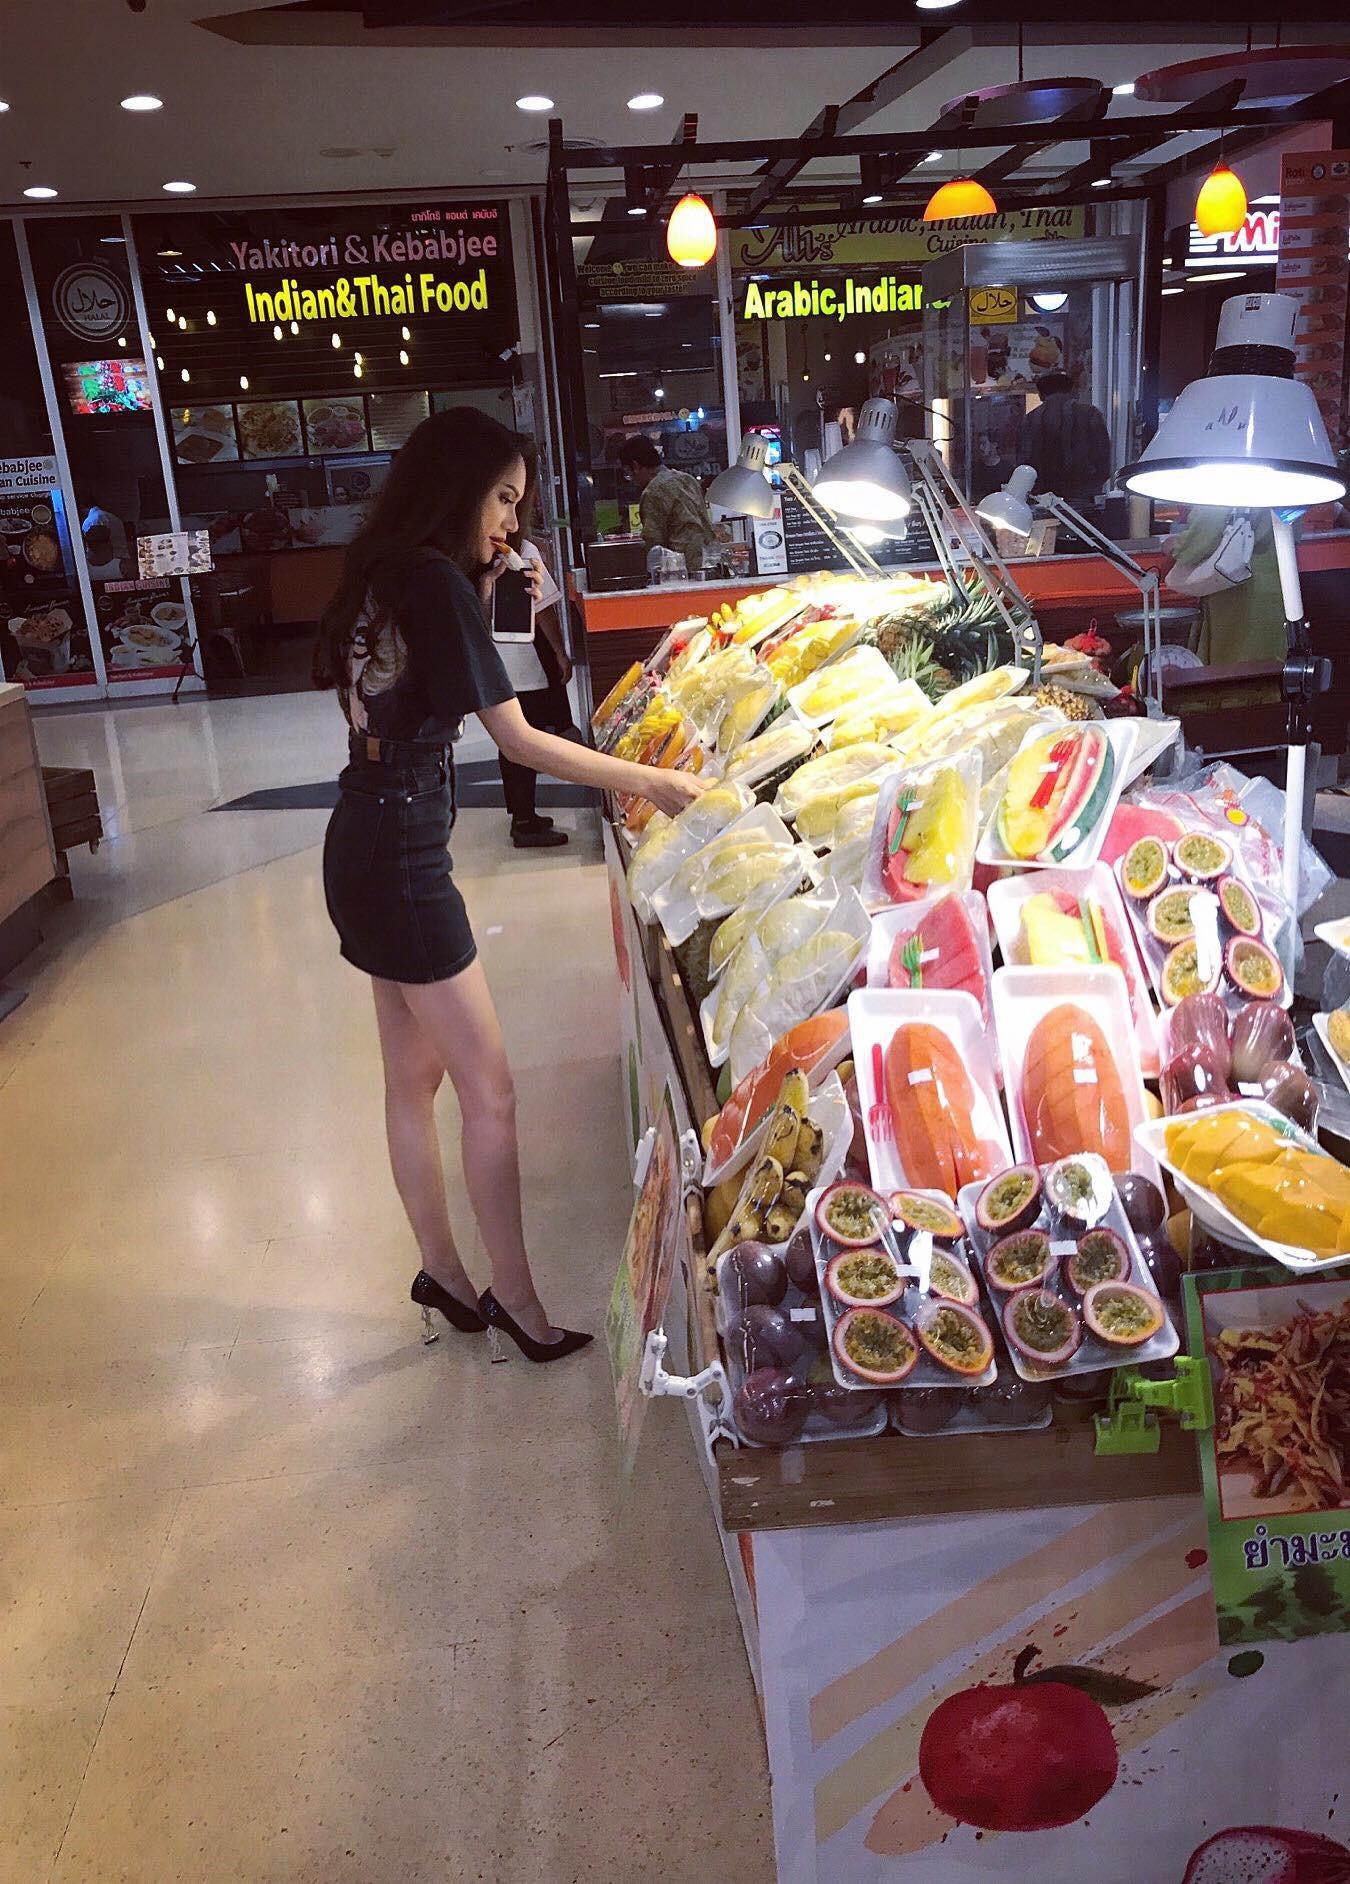 Giản dị đi shopping bằng phương tiện công cộng, Hương Giang được người hâm mộ quốc tế săn đón sau đăng quang - Ảnh 3.